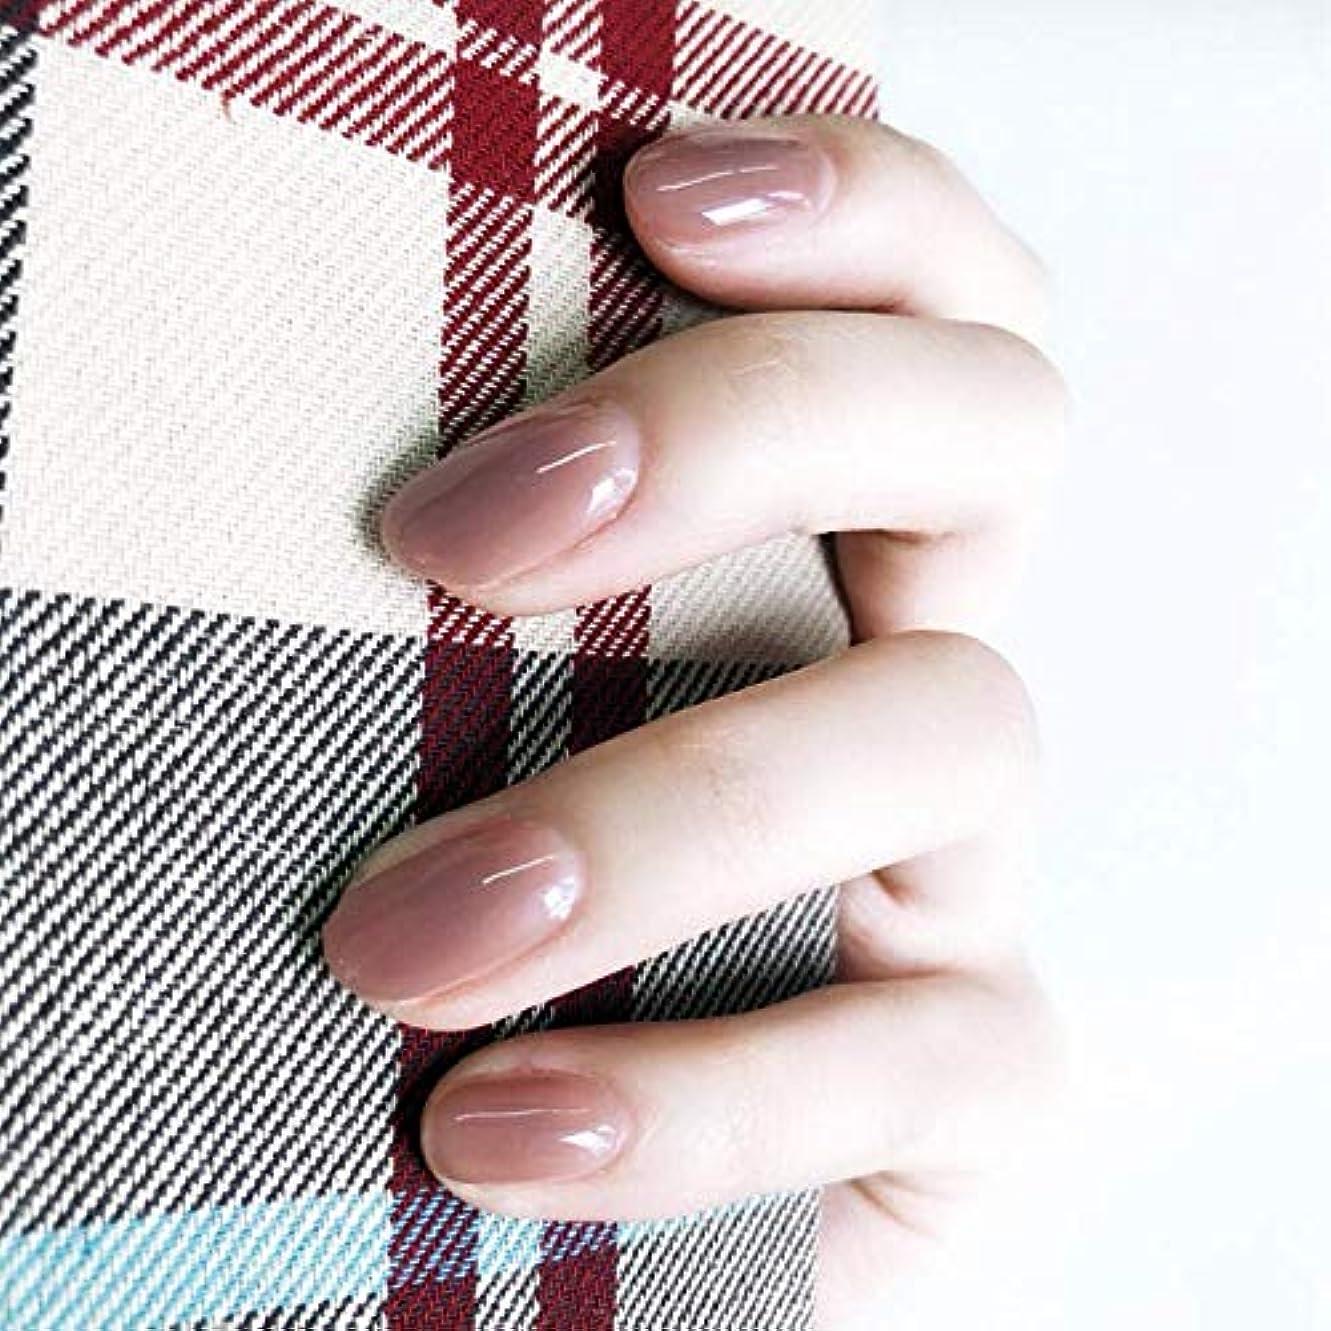 実現可能性酸っぱい流行24枚入 無地ネイルチップ 可愛い優雅ネイル ins流行する ゼリーネイルチップ 多色オプション 結婚式、パーティー、二次会など 入学式 入園式 ネイルジュエリー つけ爪 (グレーピンク)